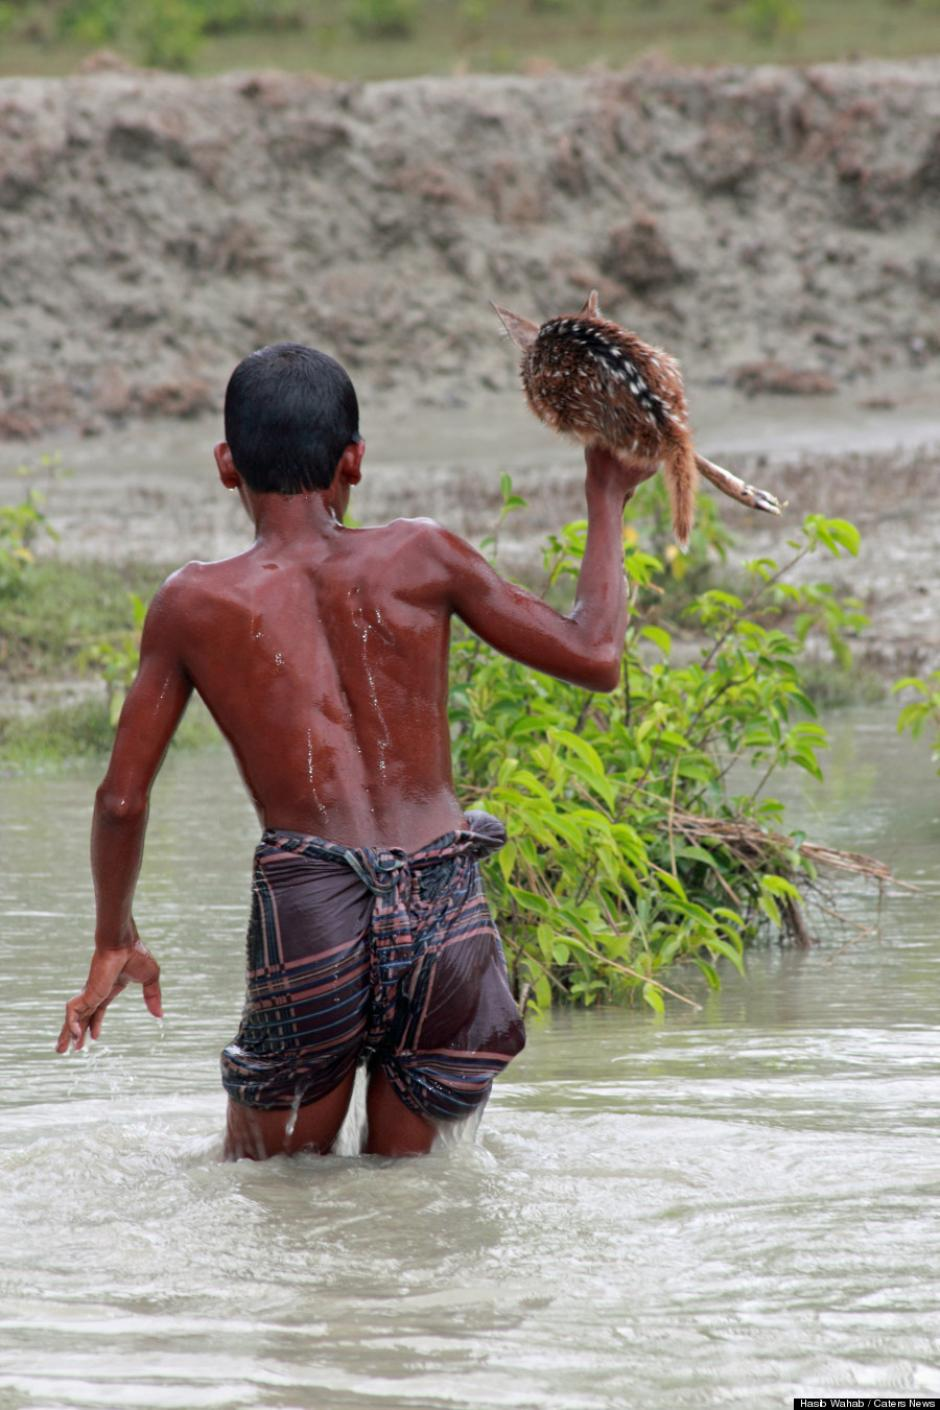 La naturaleza en contacto con el ser humano de la mejor forma posible. (Foto: Huffington Post)